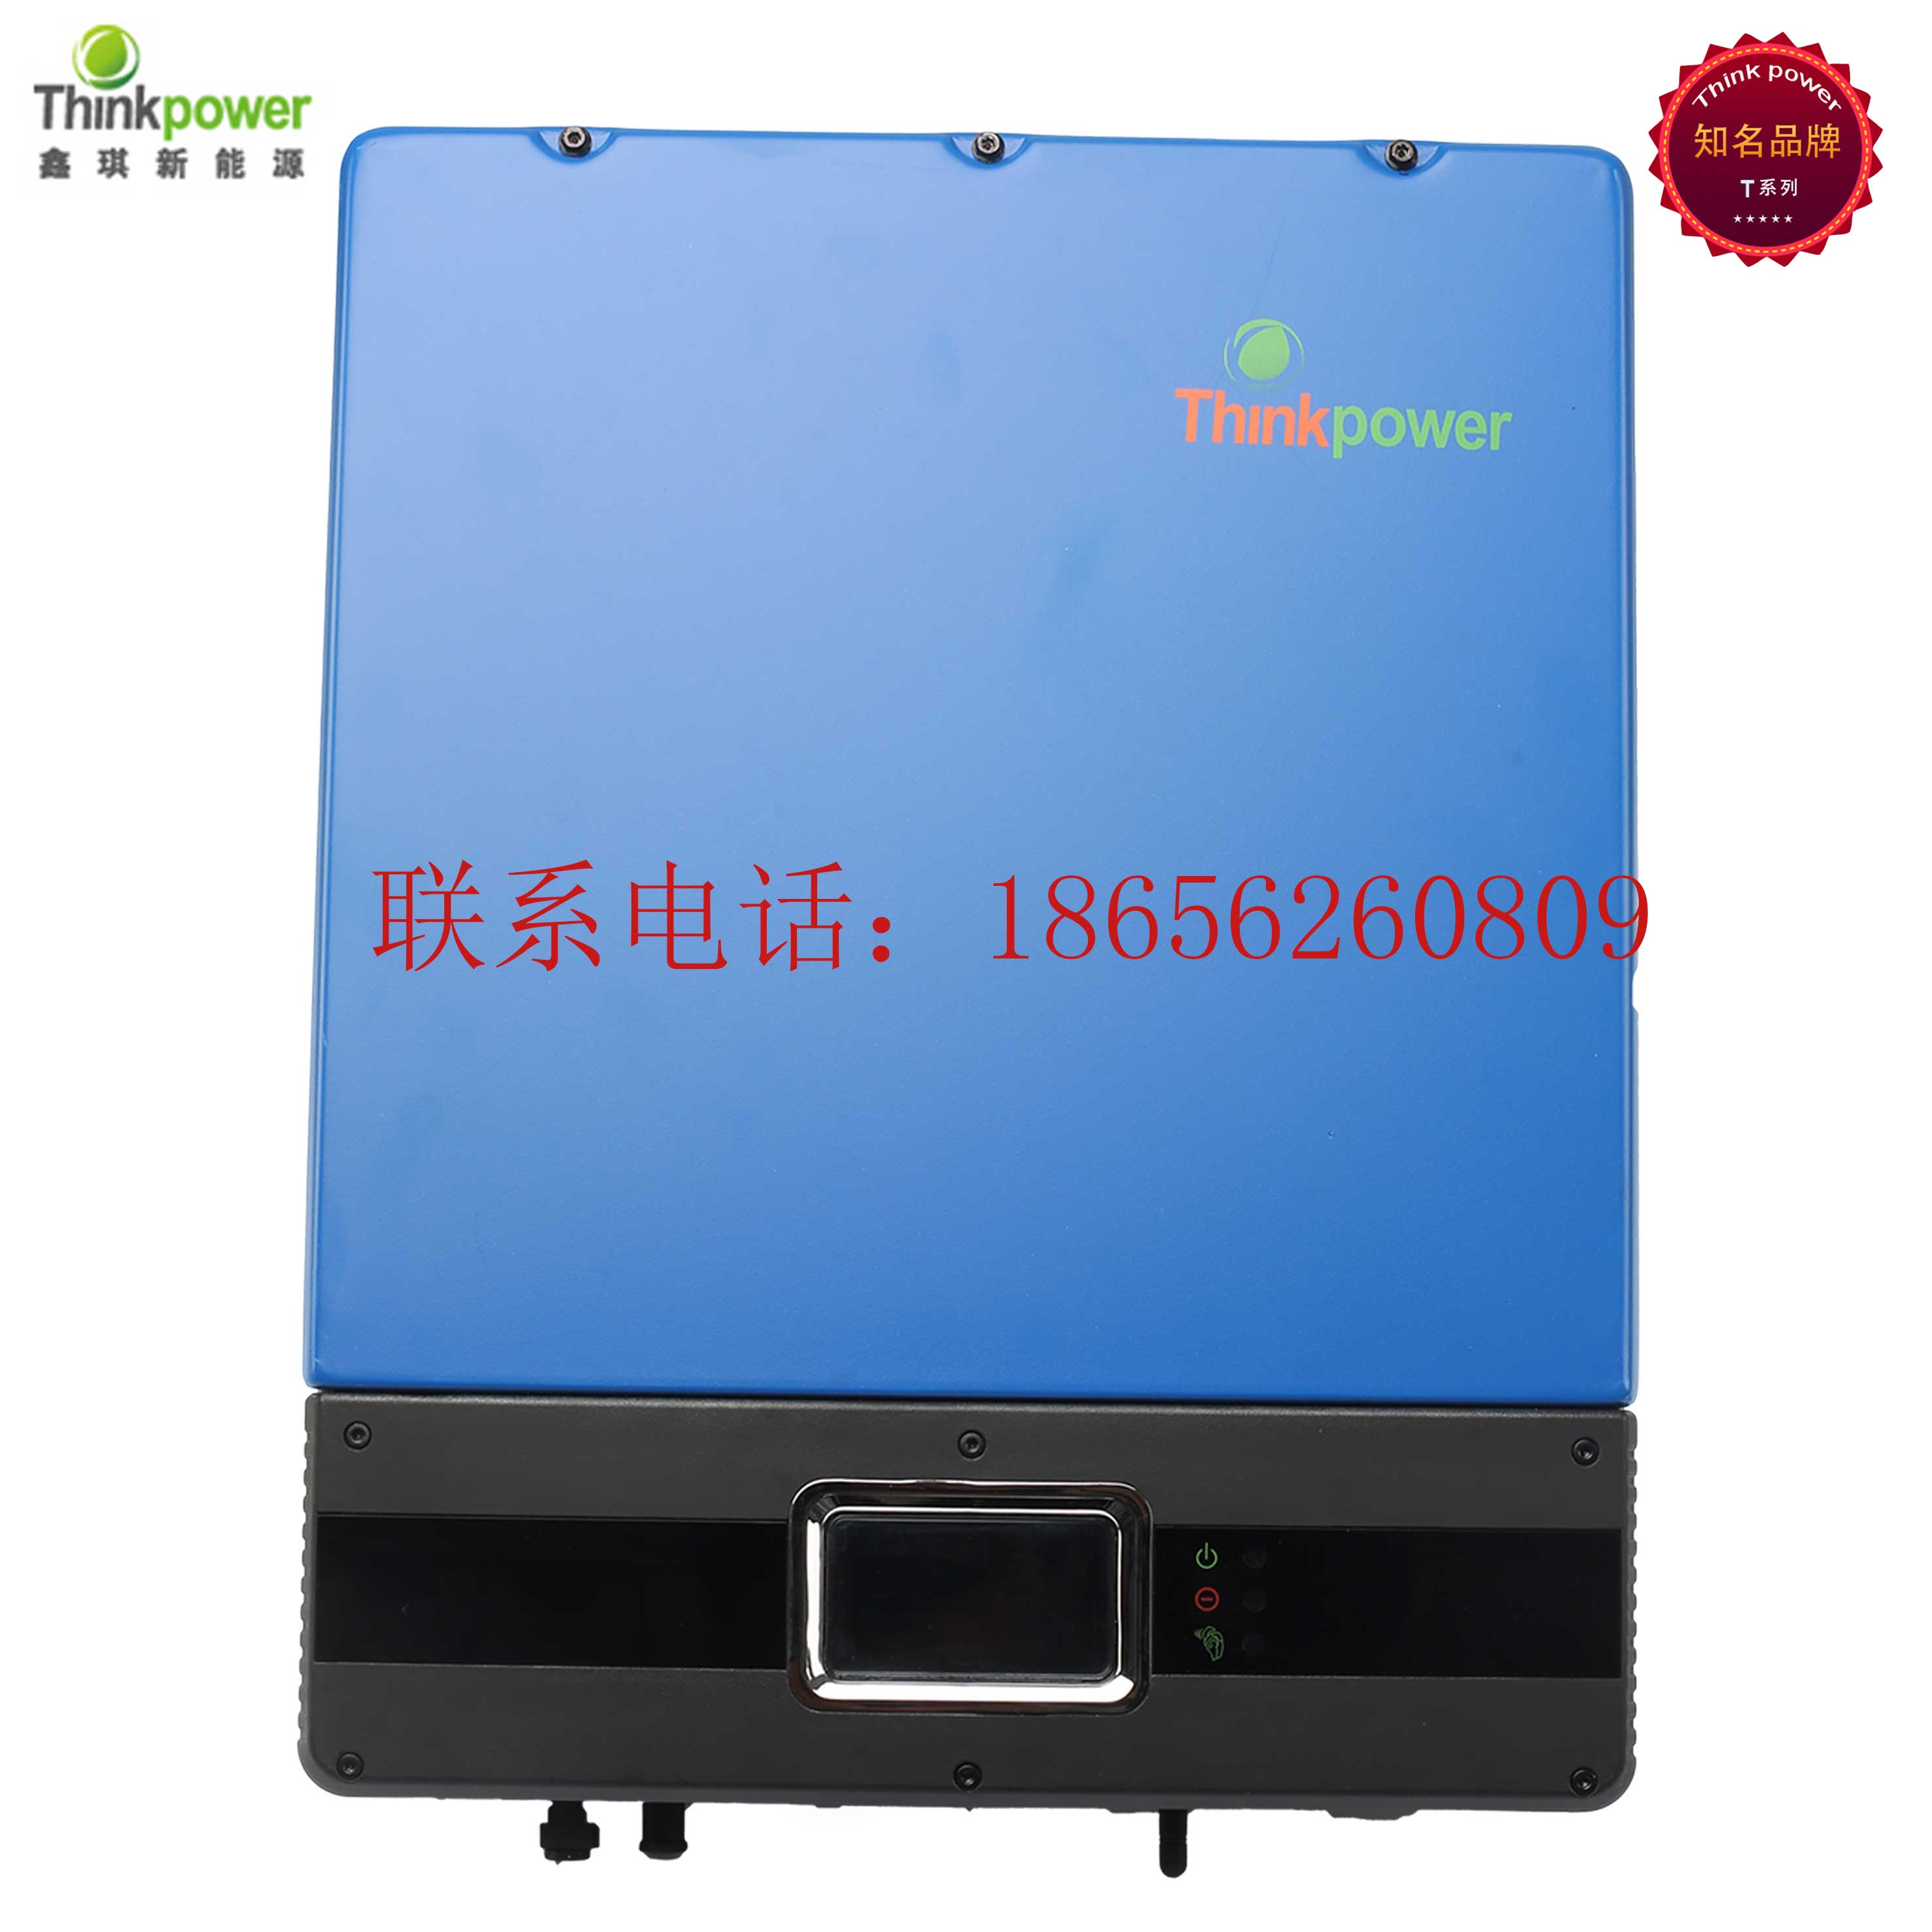 无锡鑫琪 供应超高性能的太阳能光伏并网逆变器3KW